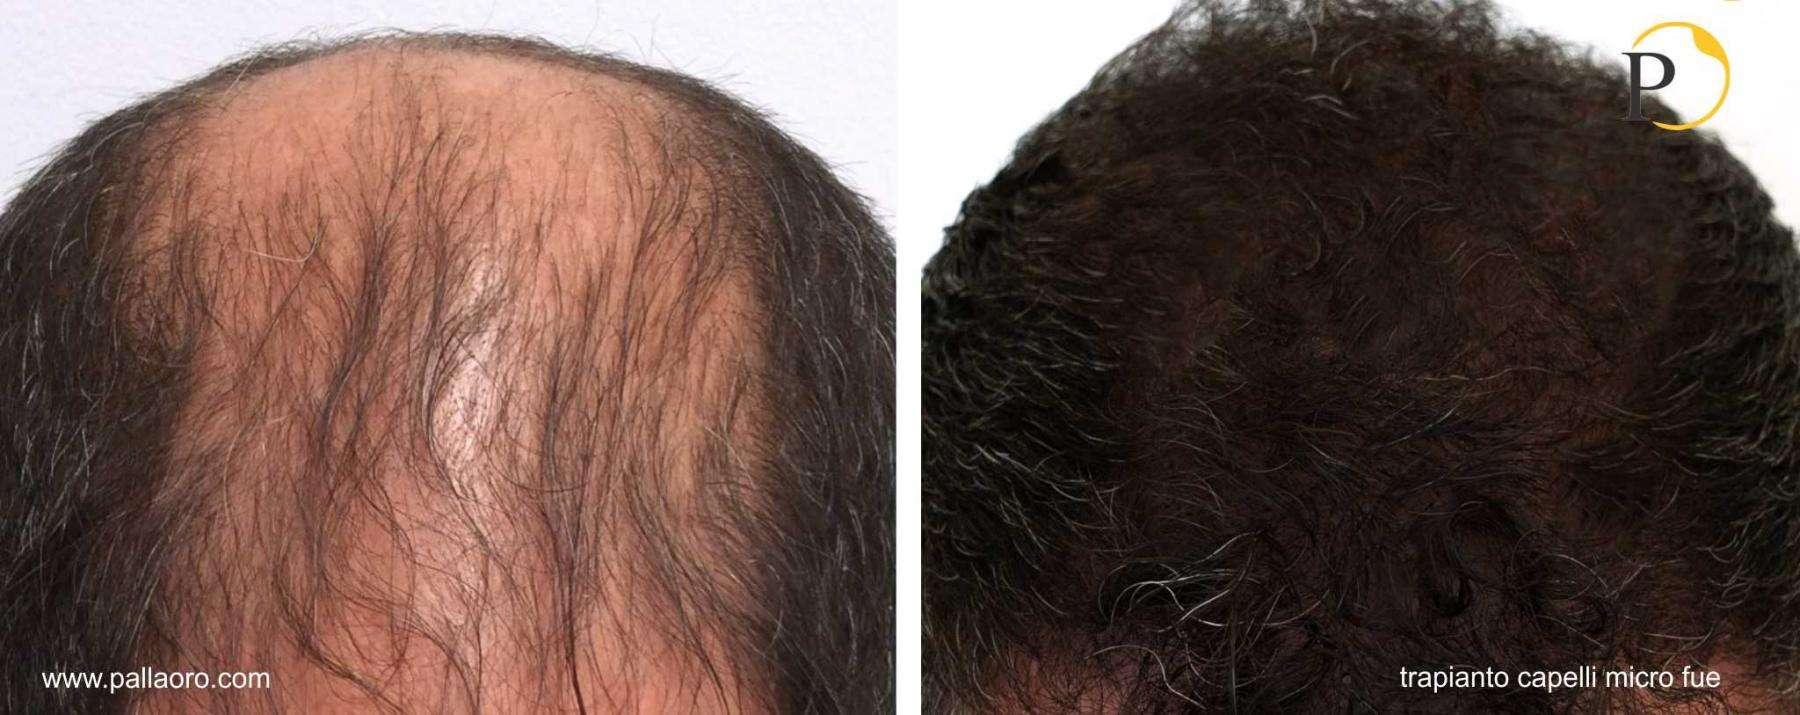 trapianto capelli 20-002-a